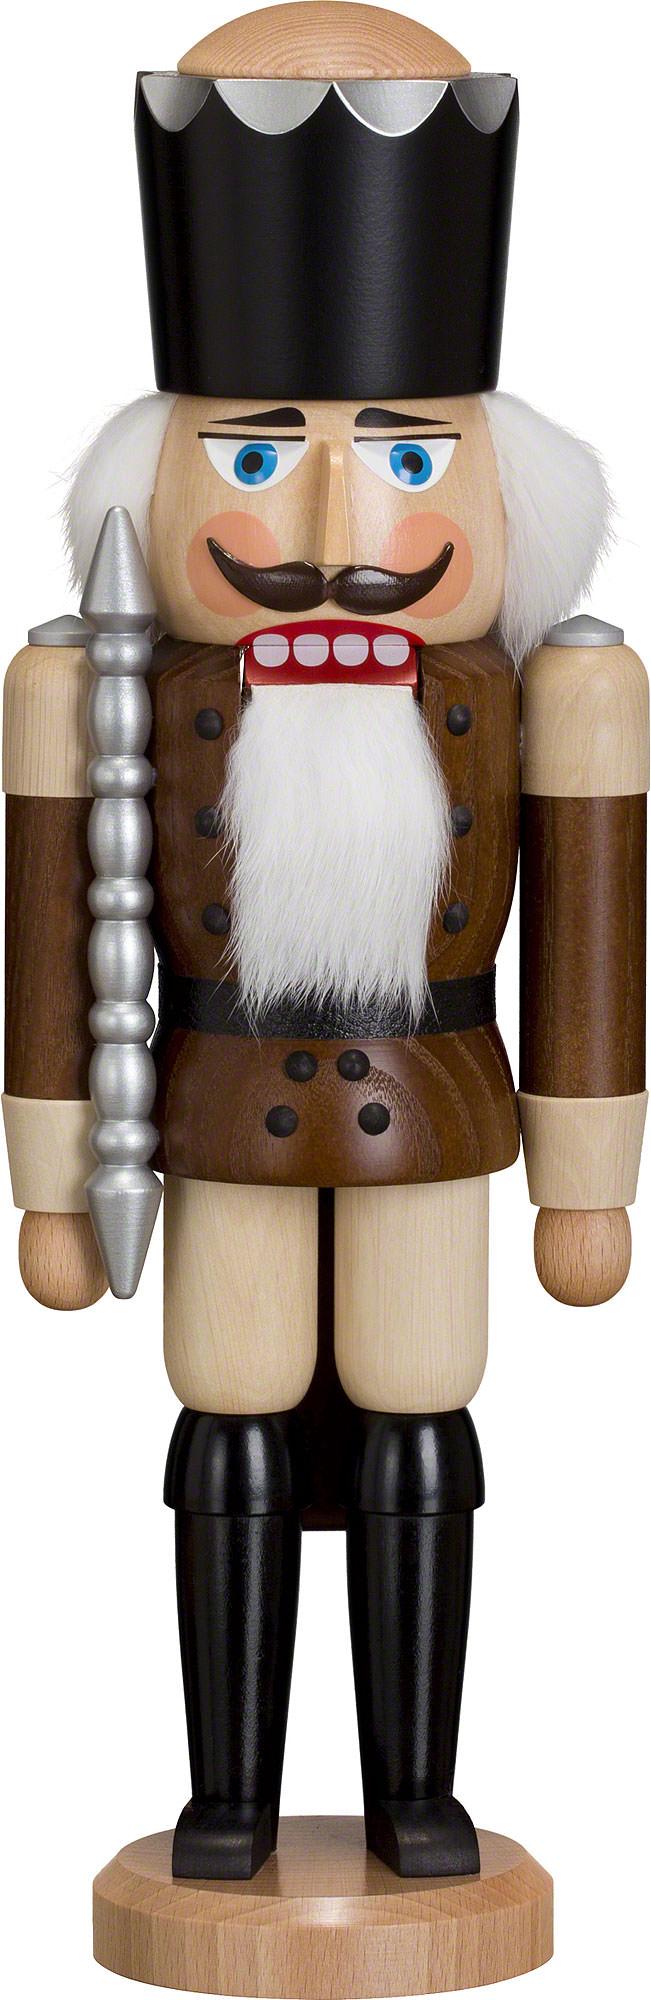 NUßKNACKER König natur50cm NEU Erzgebirge Volkskunst Original Weihnacht Seiffen